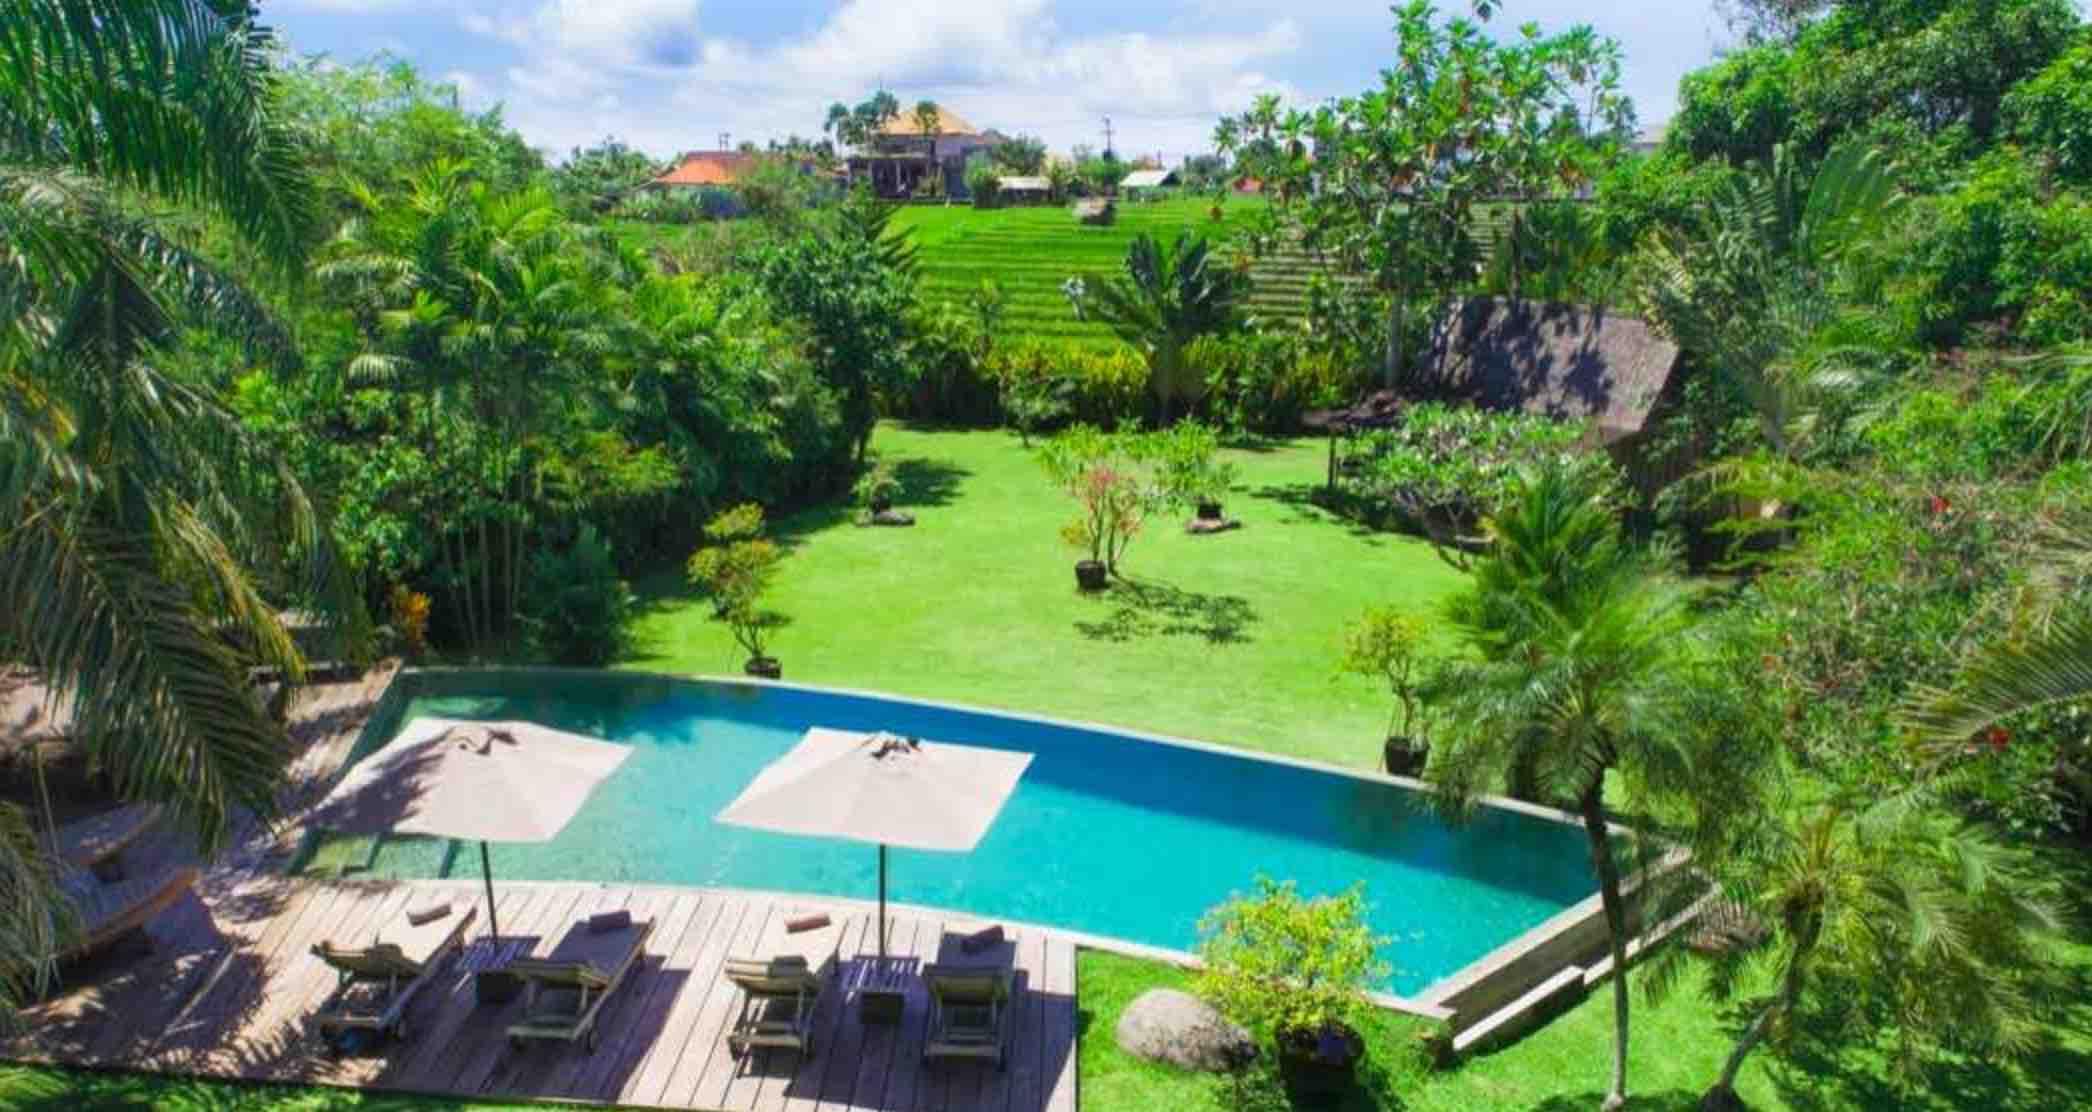 where to stay in Bali - villa galante umalas